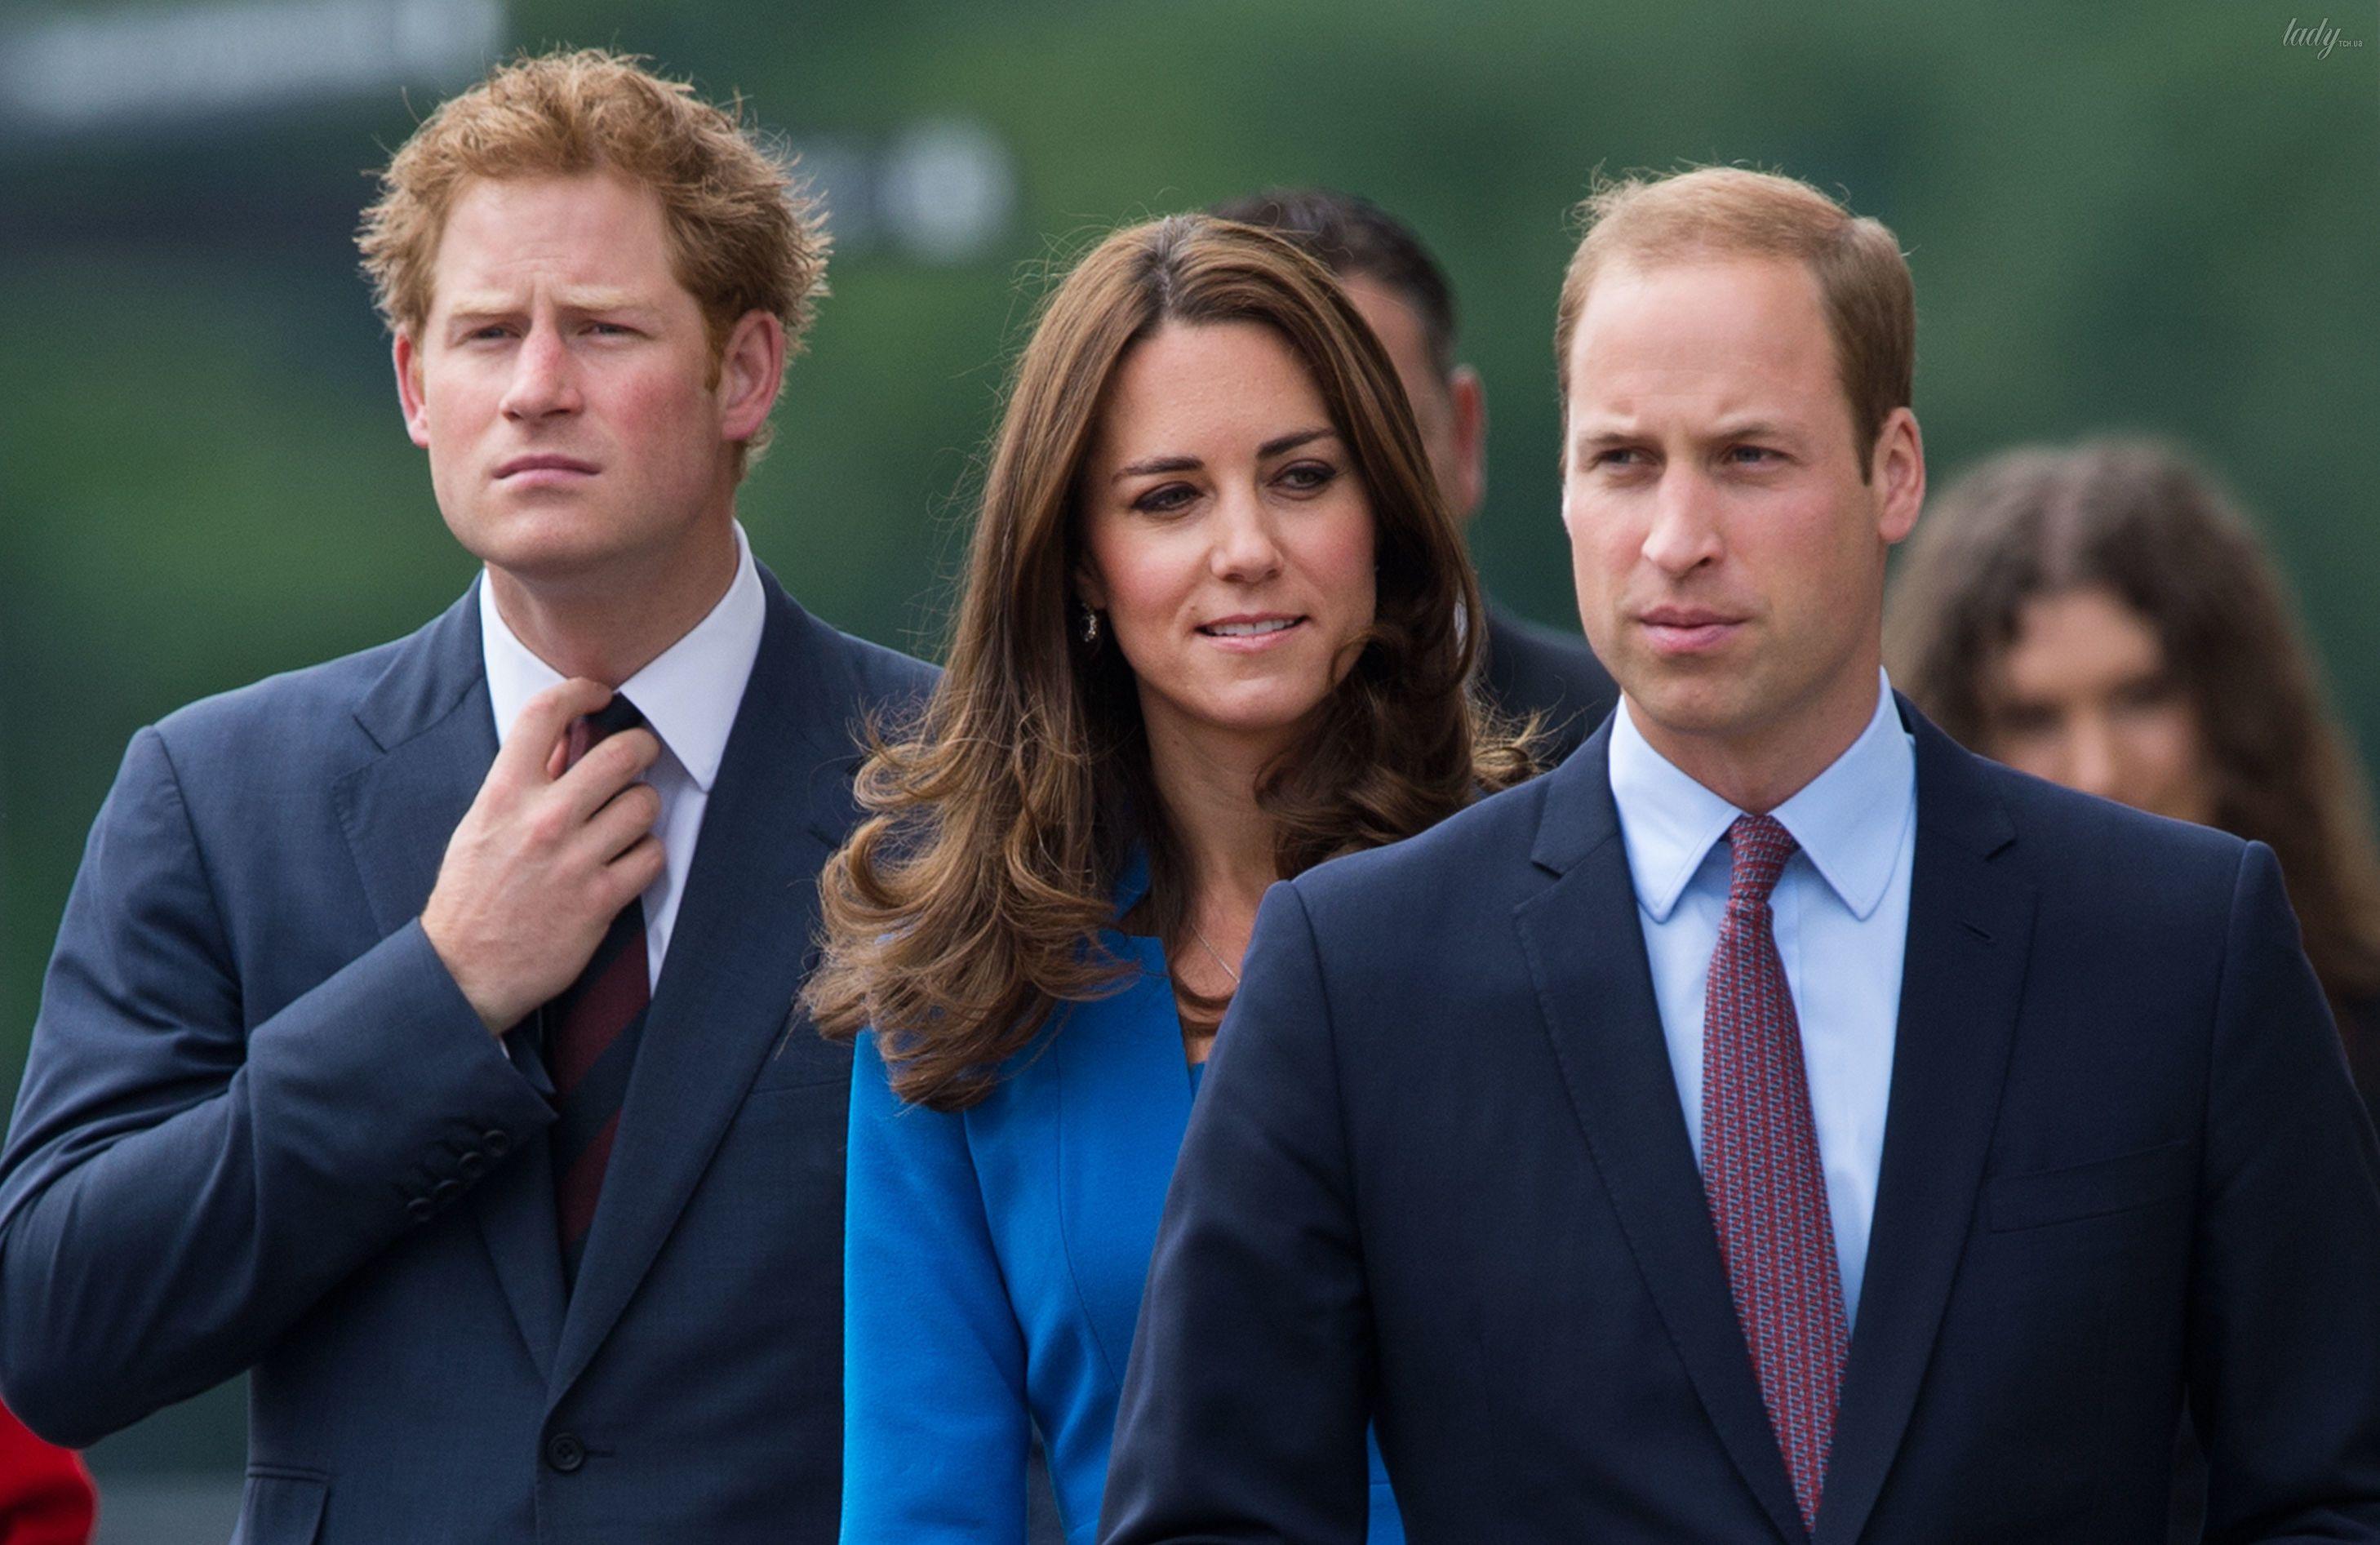 ПРинц Уильям, принц Гарри и герцогиня Кэтри